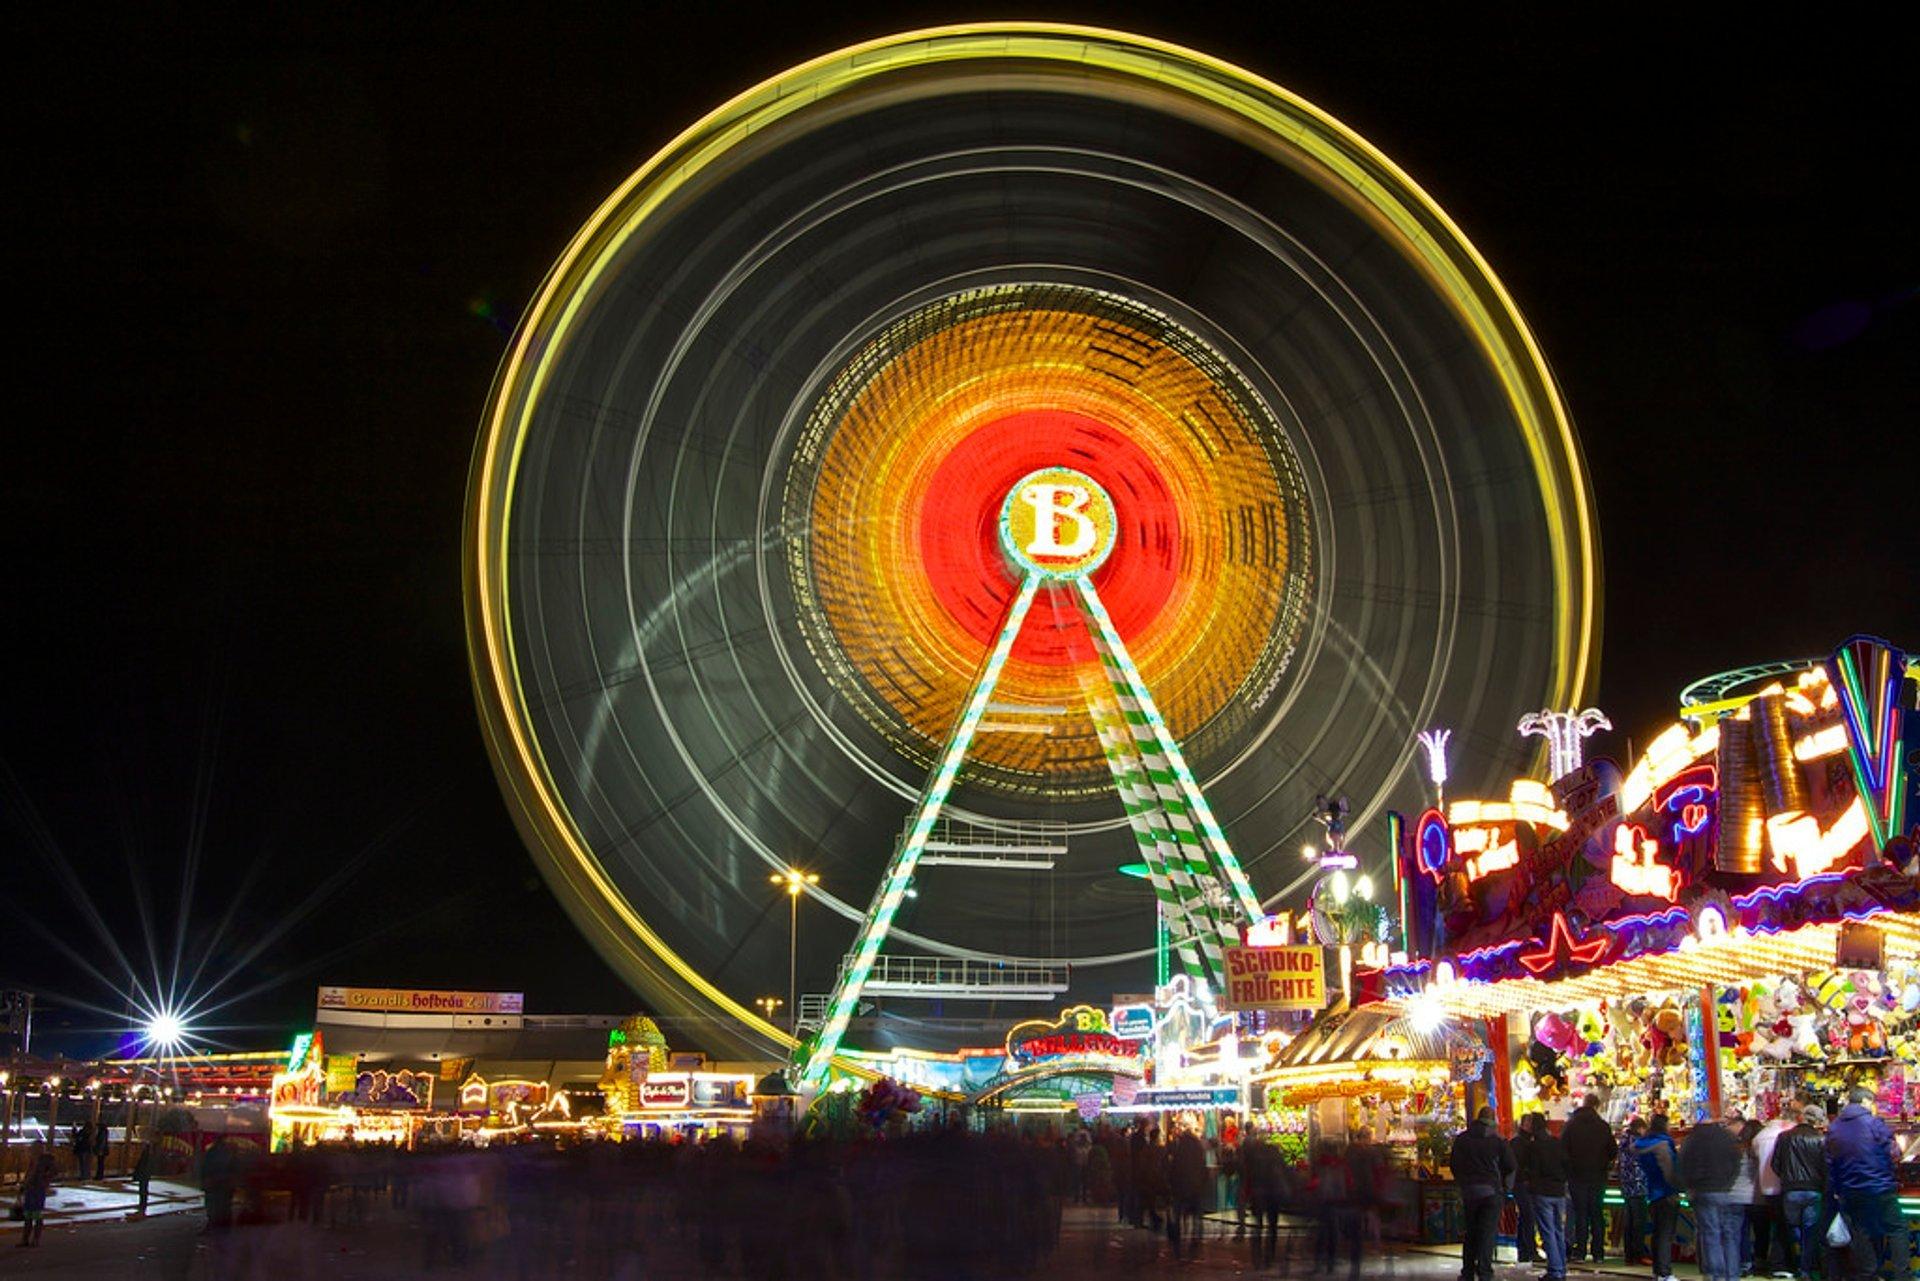 Best time to see Frühlingsfest Stuttgart (Stuttgart Spring Festival) in Germany 2020